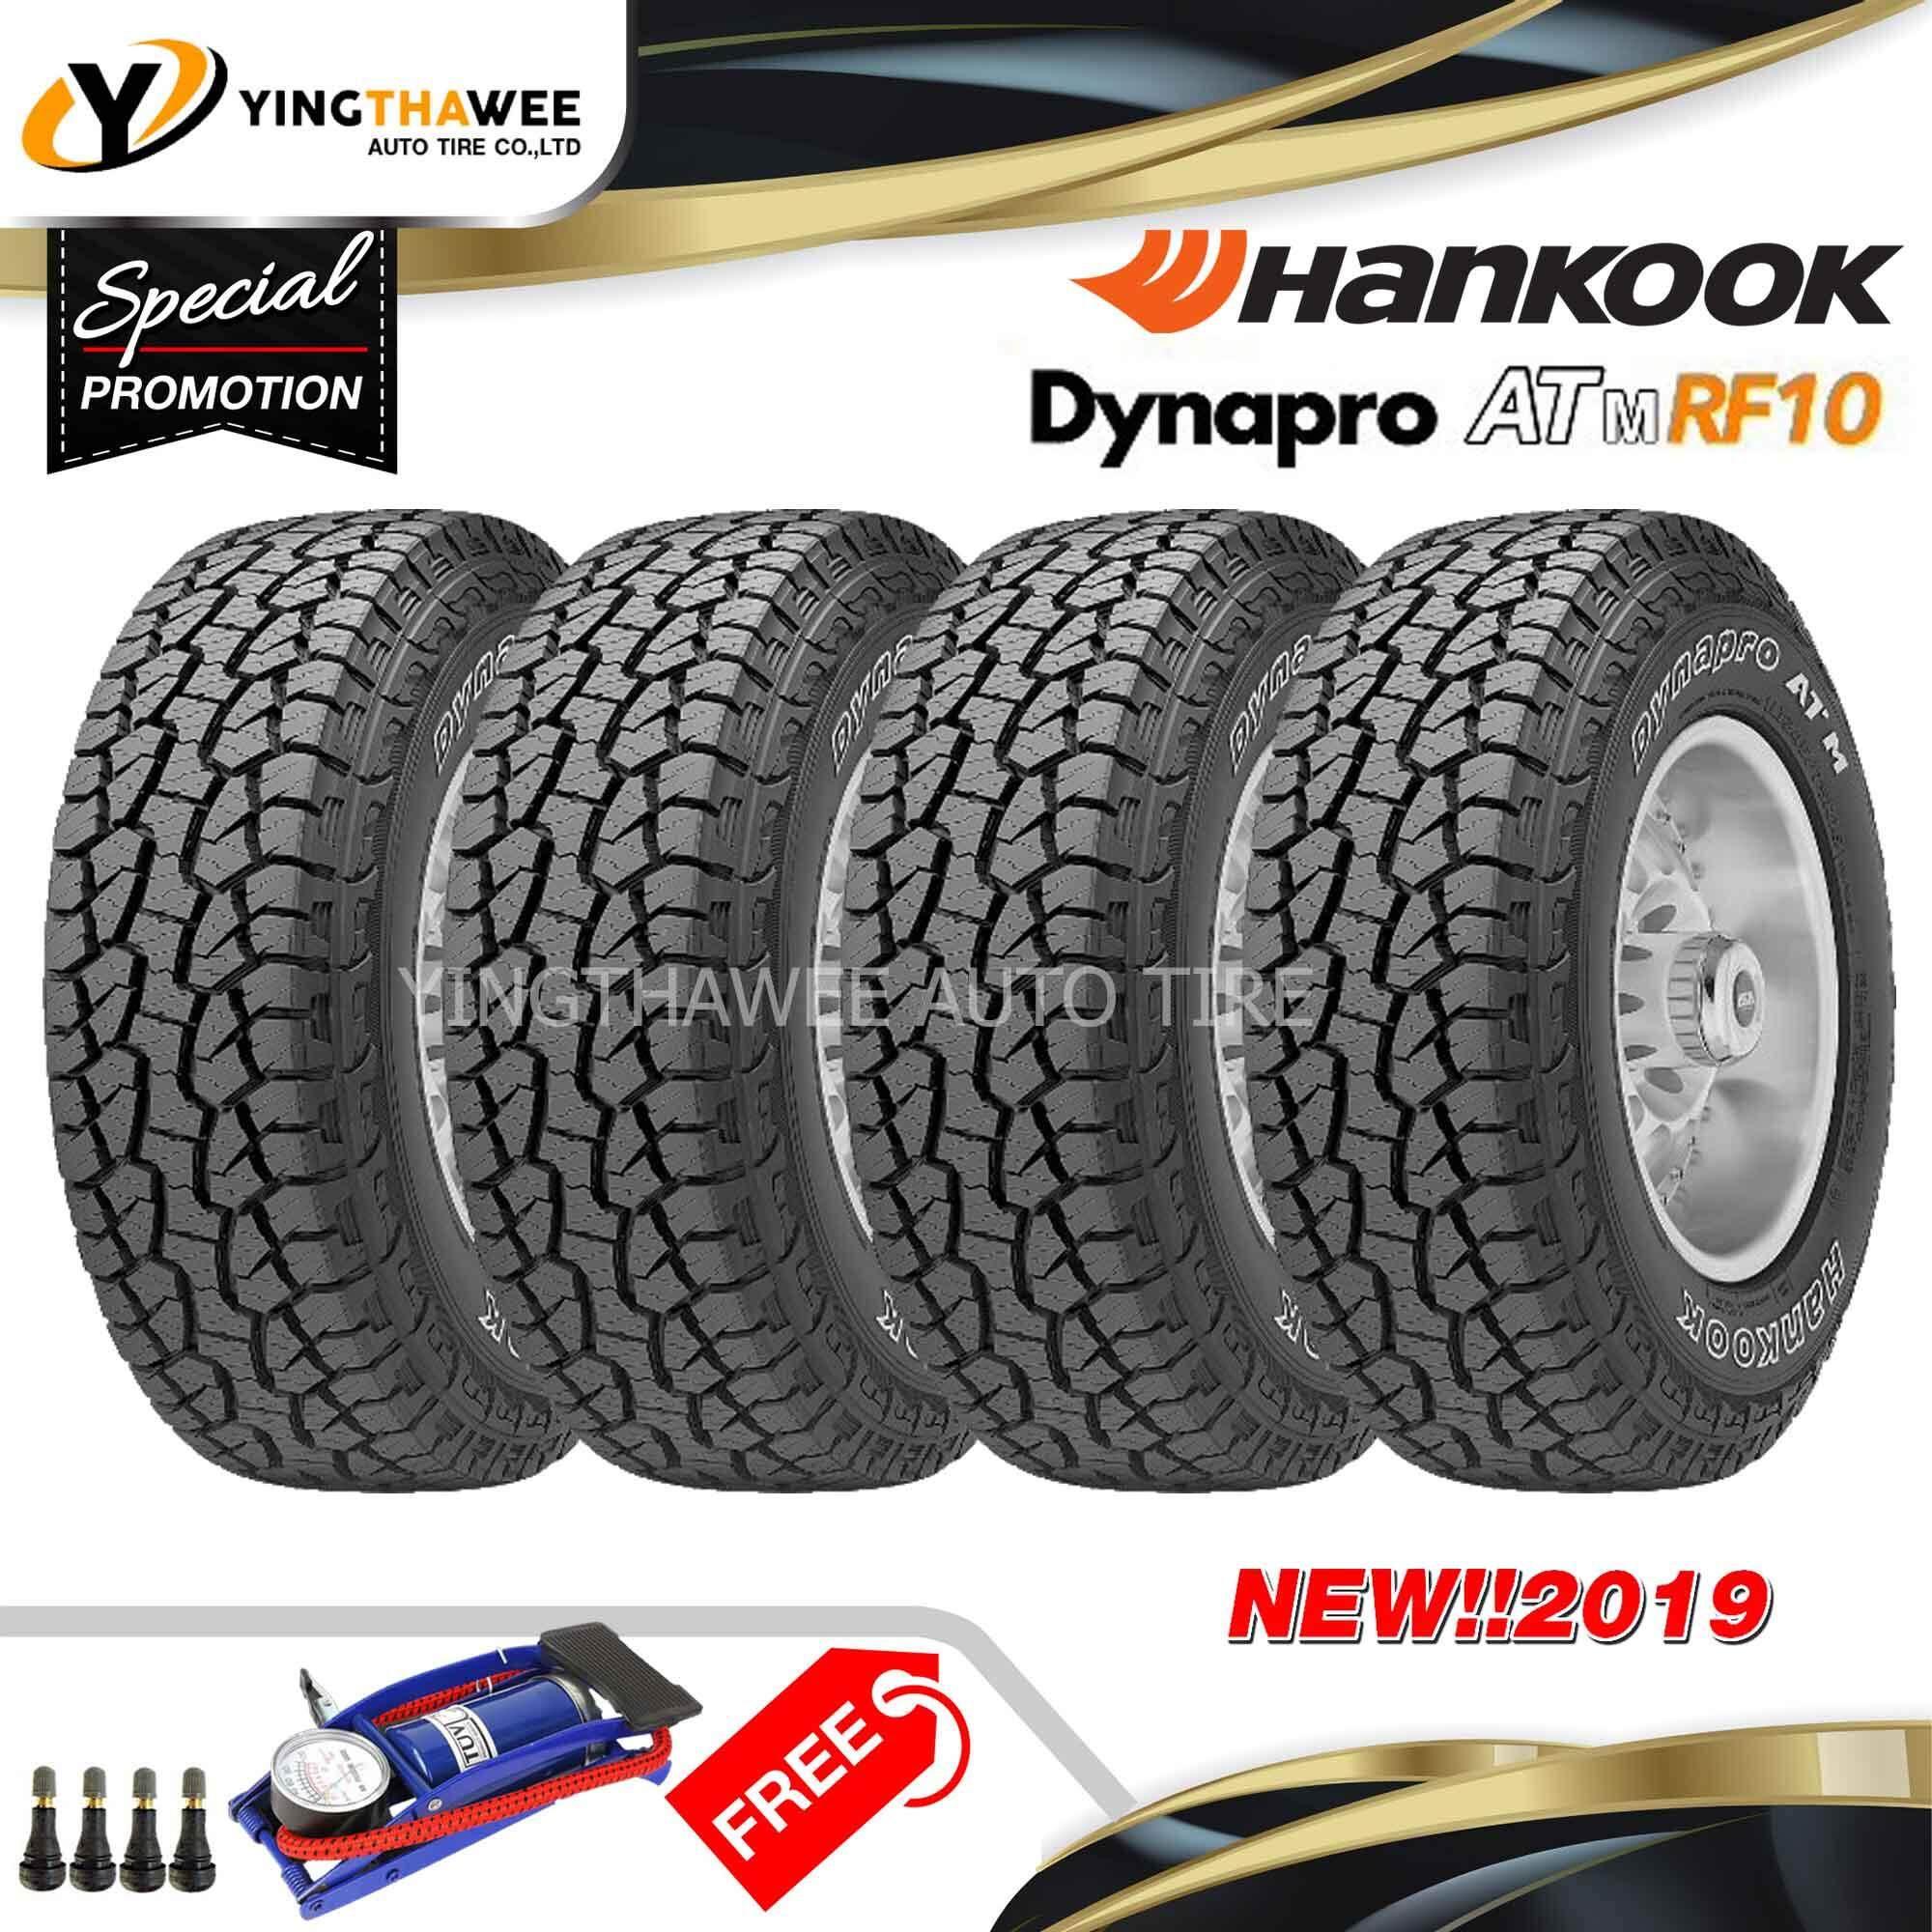 ประกันภัย รถยนต์ ชั้น 3 ราคา ถูก มหาสารคาม HANKOOK ยางรถยนต์ 265/75R16 รุ่น RF10  4 เส้น (ปี 2019) แถมปั๊มเติมลมท่อเดี่ยว 1 ตัว + จุ๊บลมยางหัวทองเหลือง 4 ตัว